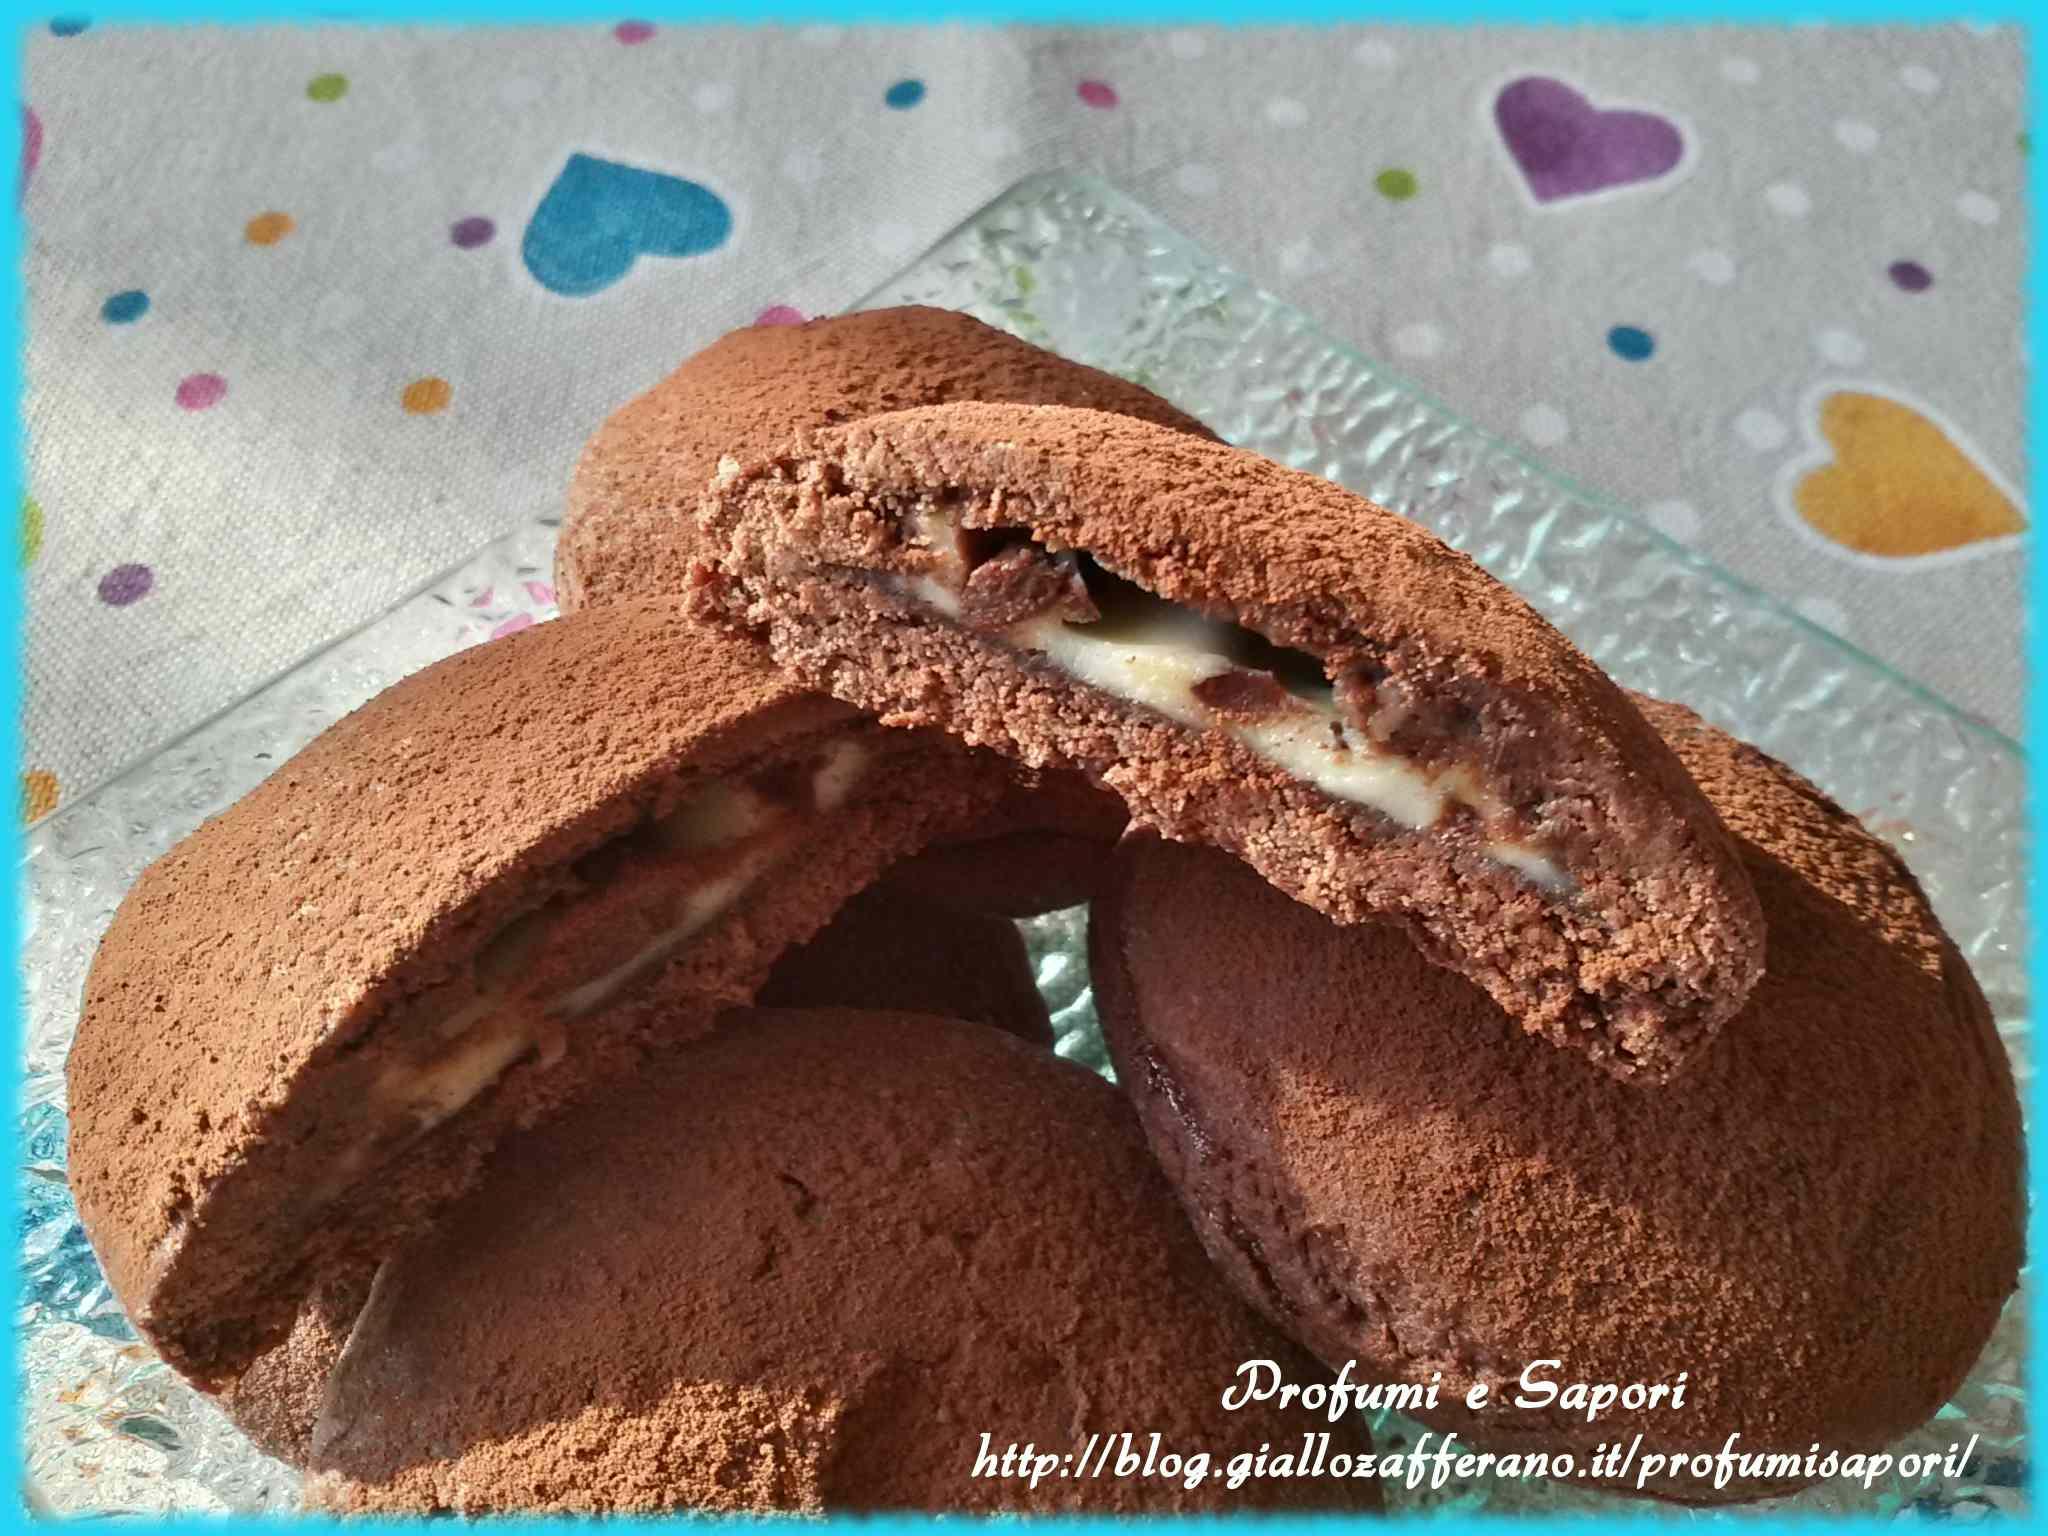 Ricetta: Biscotti al cacao con cuore al mascarpone